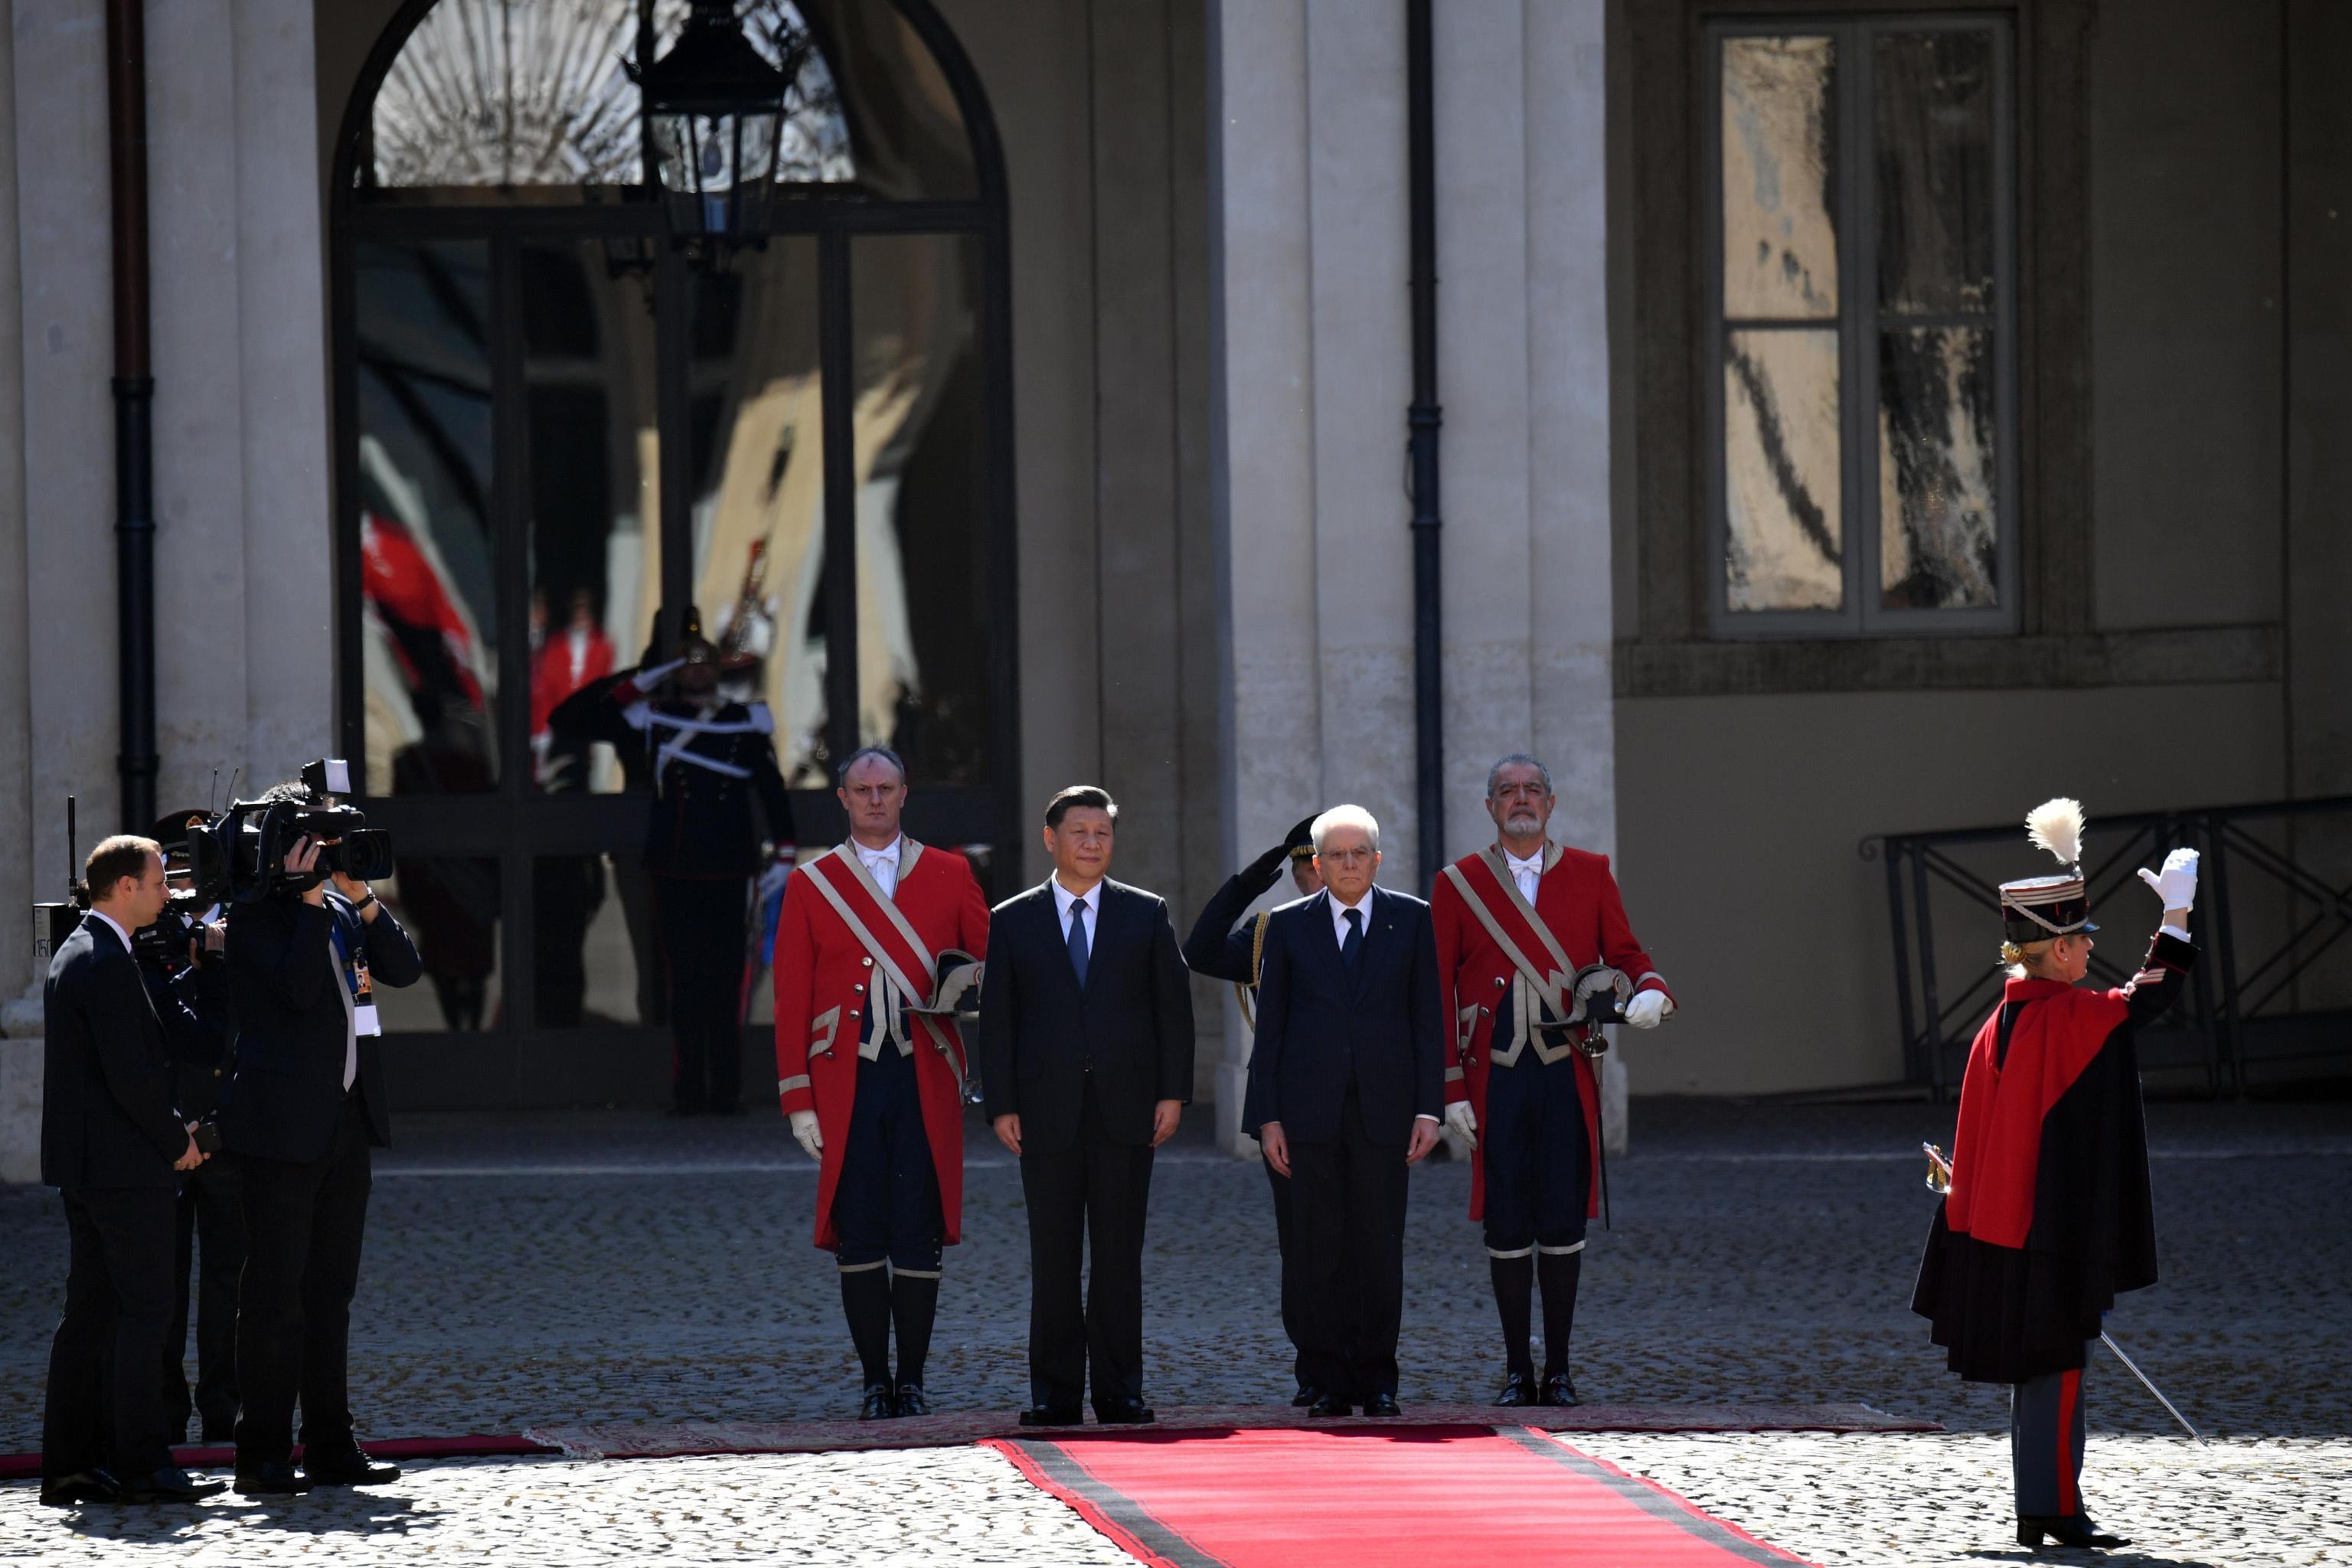 Il Presidente della Repubblica Sergio Mattarella riceve il Presidente della Repubblica Popolare Xi Jinping al Quirinale. Al centro dell'incontro il Memorandum Italia-Cina relativo a un incremento della partnership commerciale tra i due Paesi